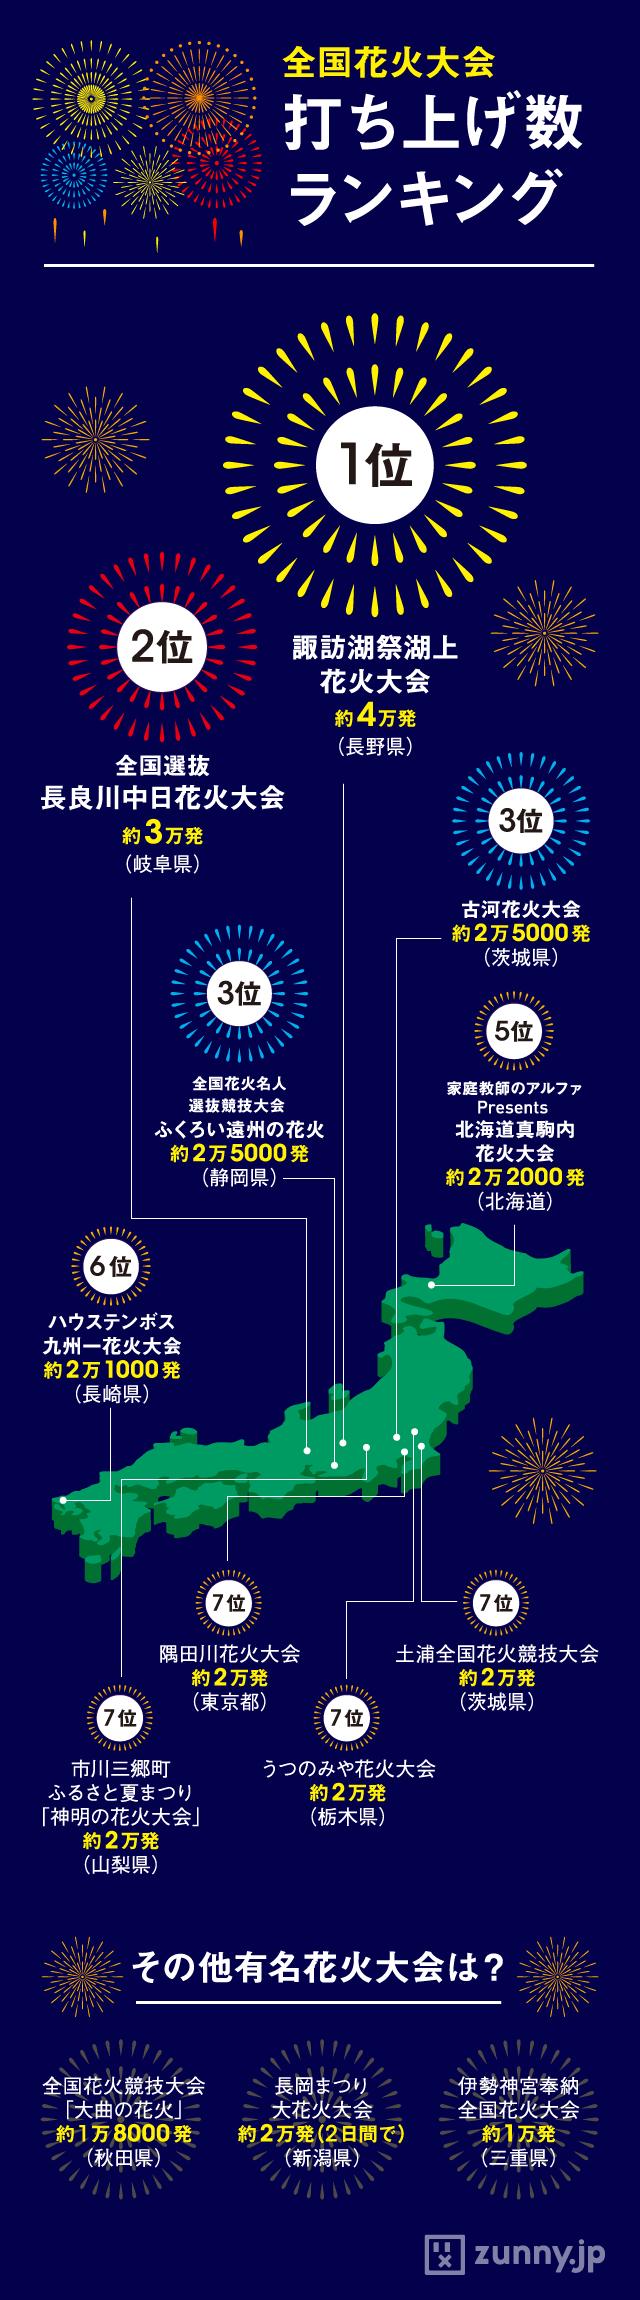 インフォグラフィック:日本一の花火大会は4万発。スマホで上手に撮る6つのポイント